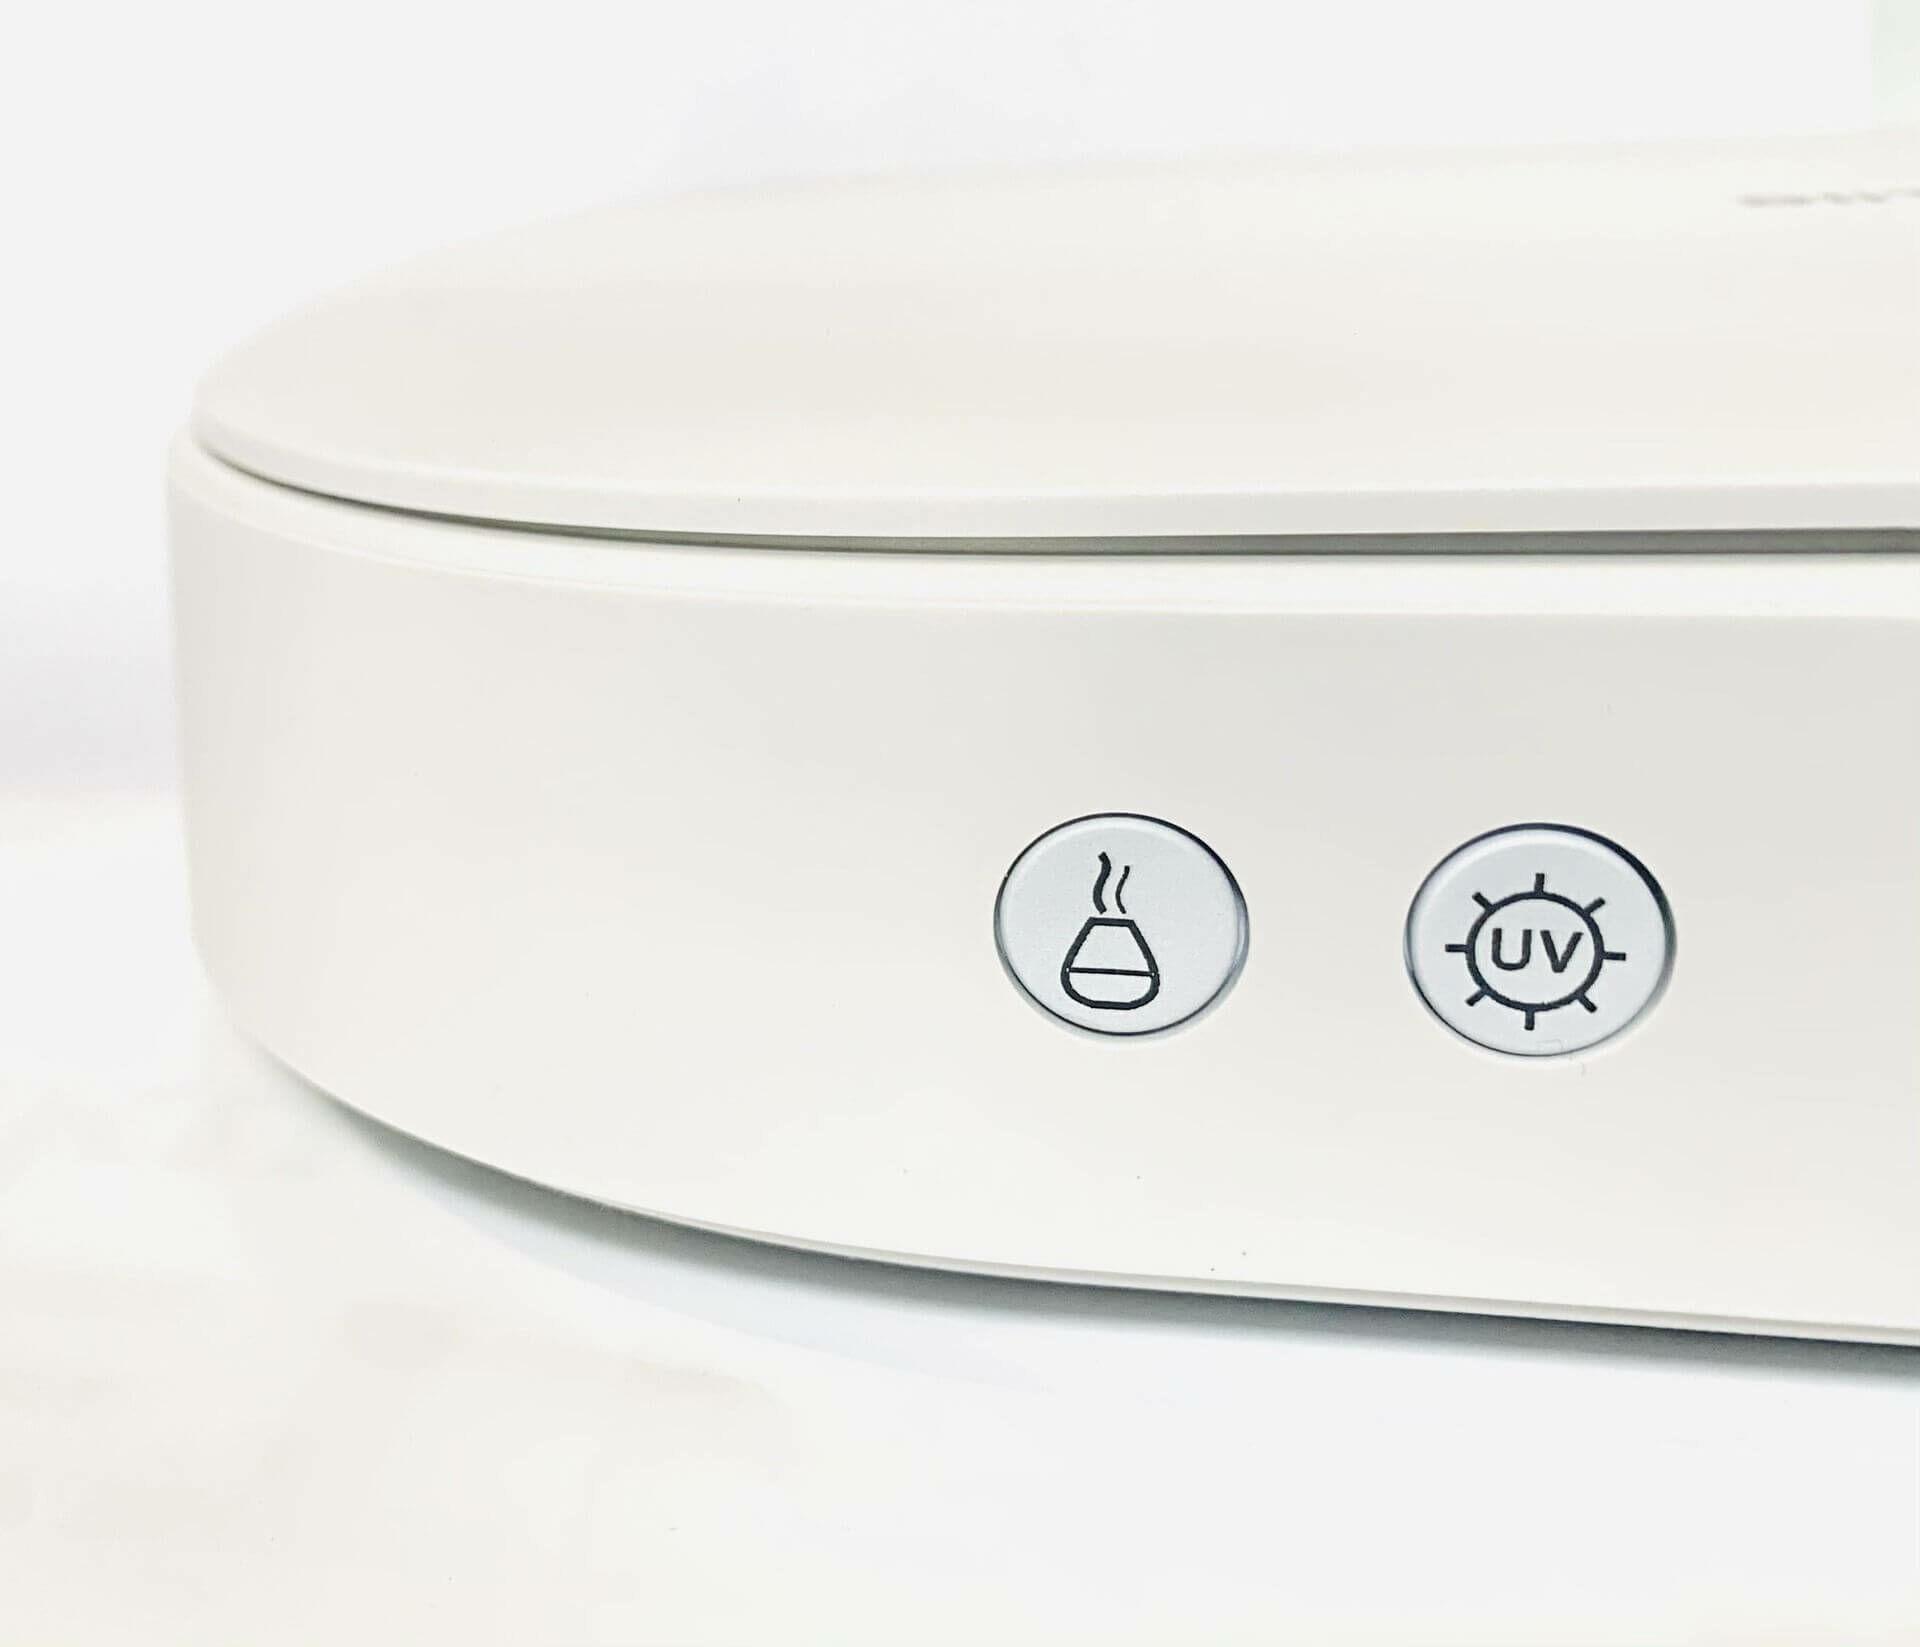 Eszközfertőtlenítő gombjai, UV fény és aromaterápia gomb